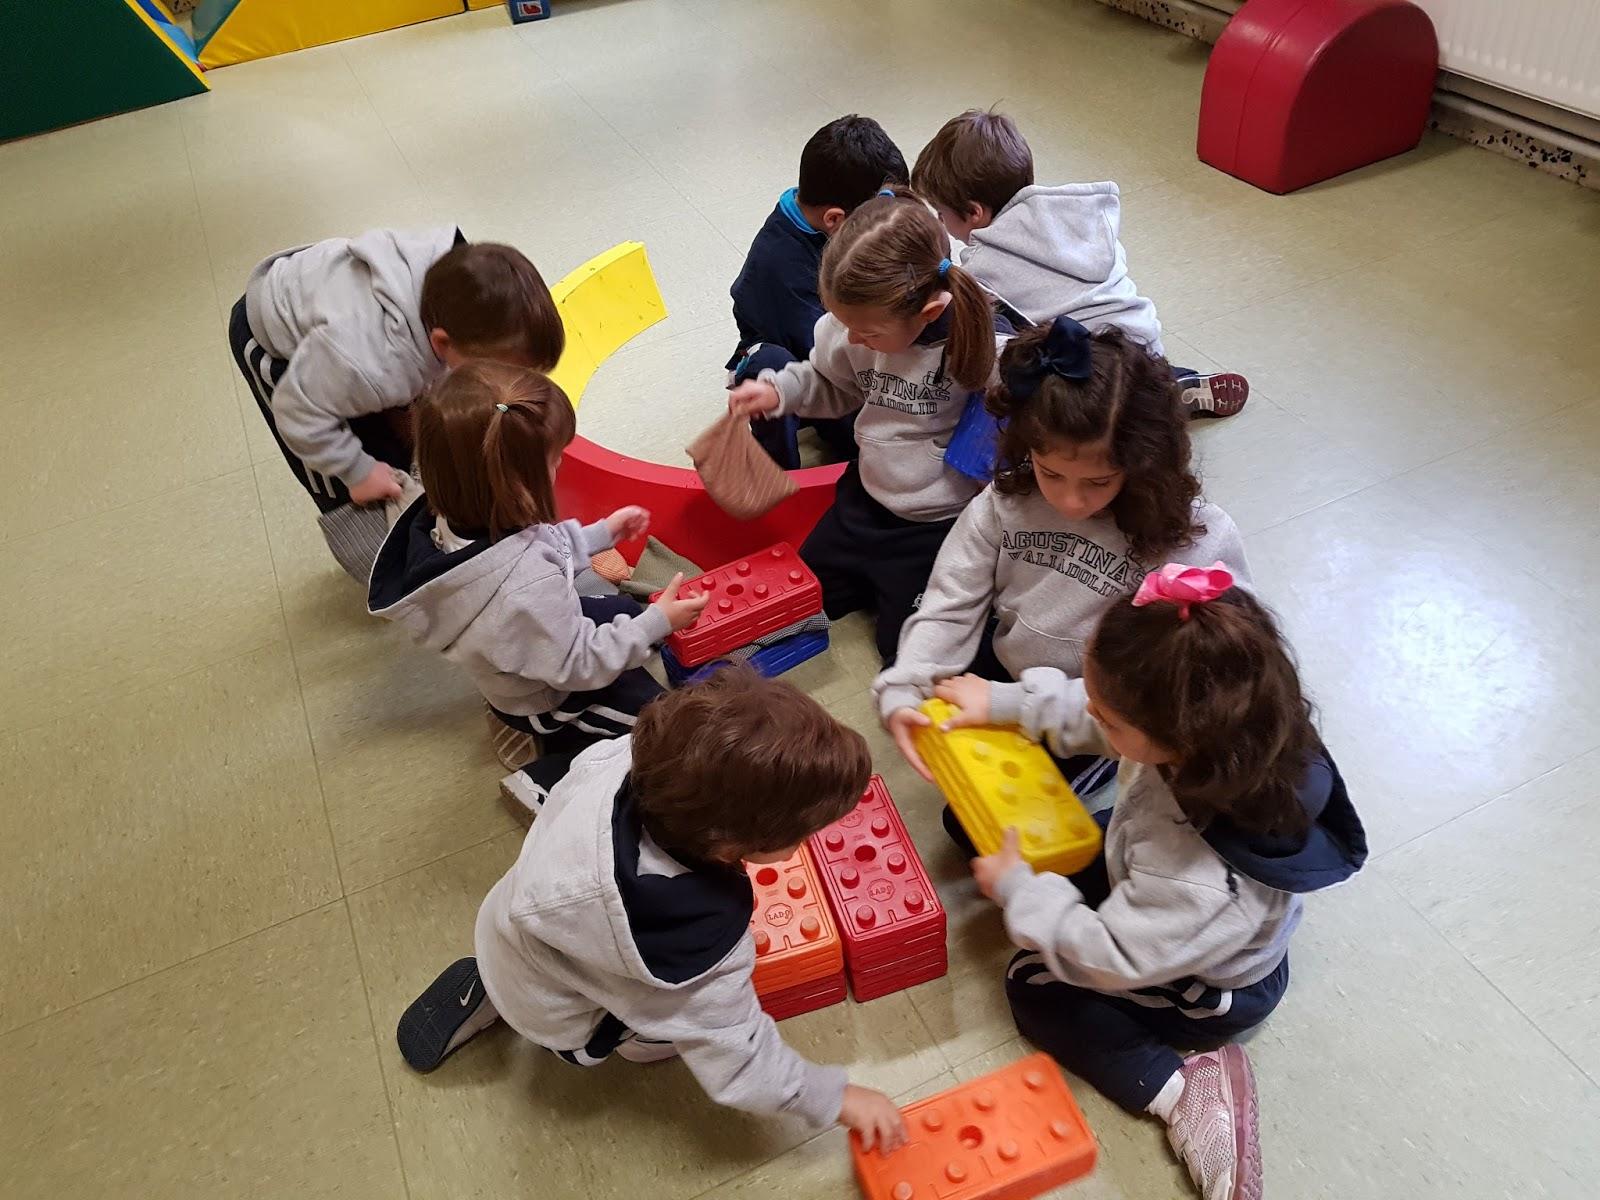 Agustinas Valladolid - 2017 - Infantil - Psicomotricidad - Edad Media